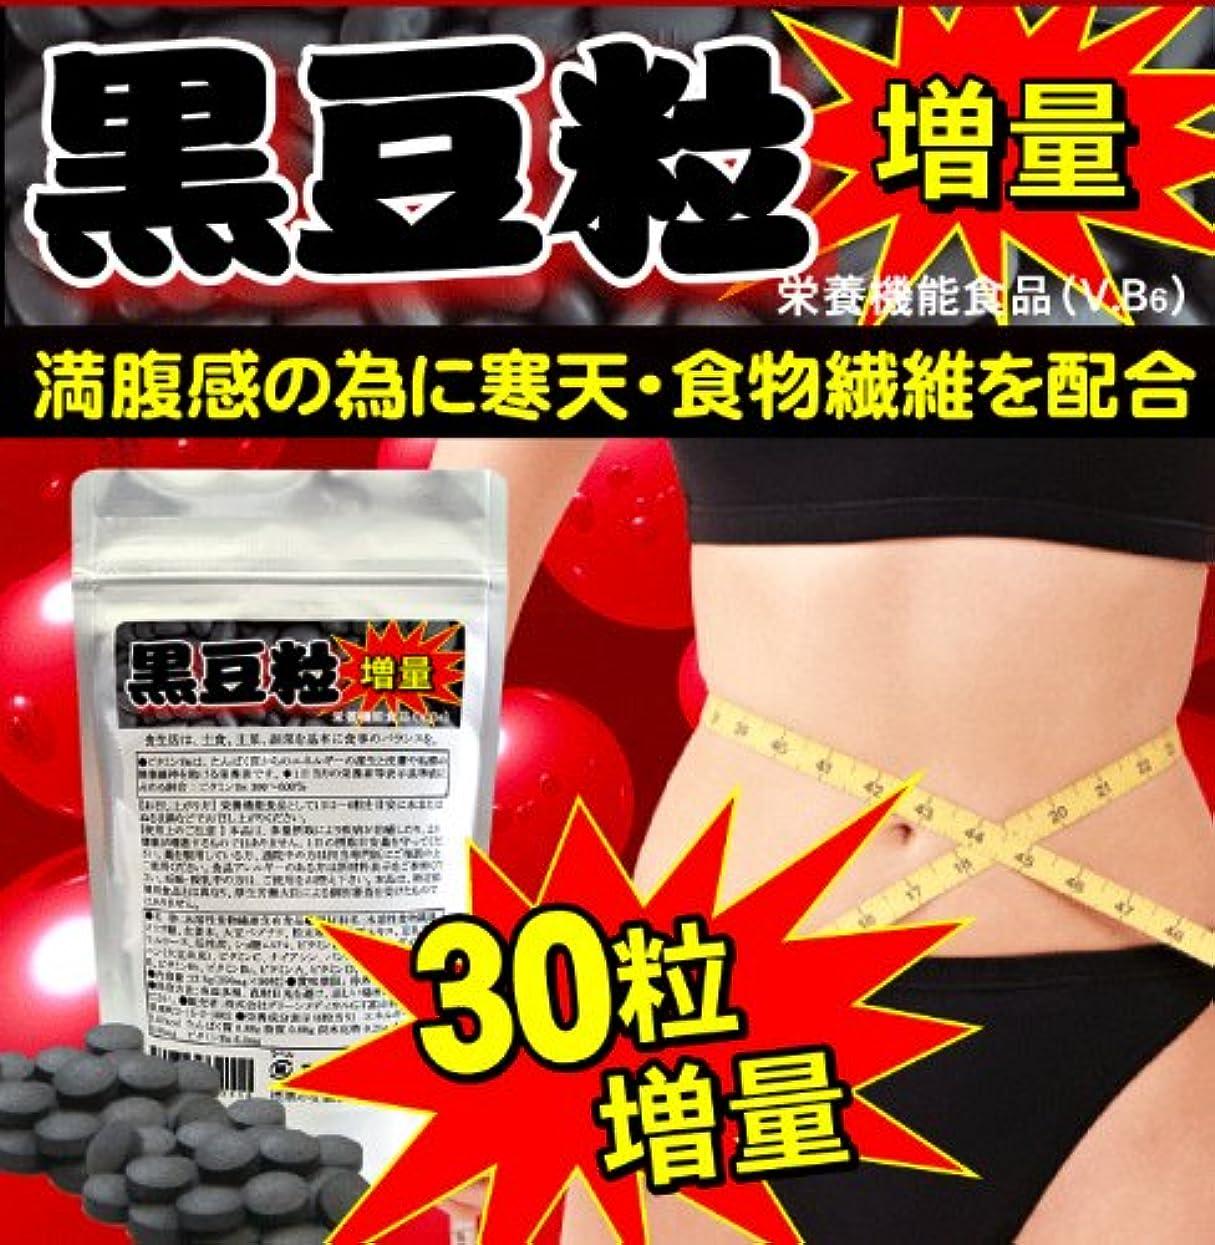 キリストタイマー気分が悪い黒豆粒増量(黒豆ダイエットサプリ)